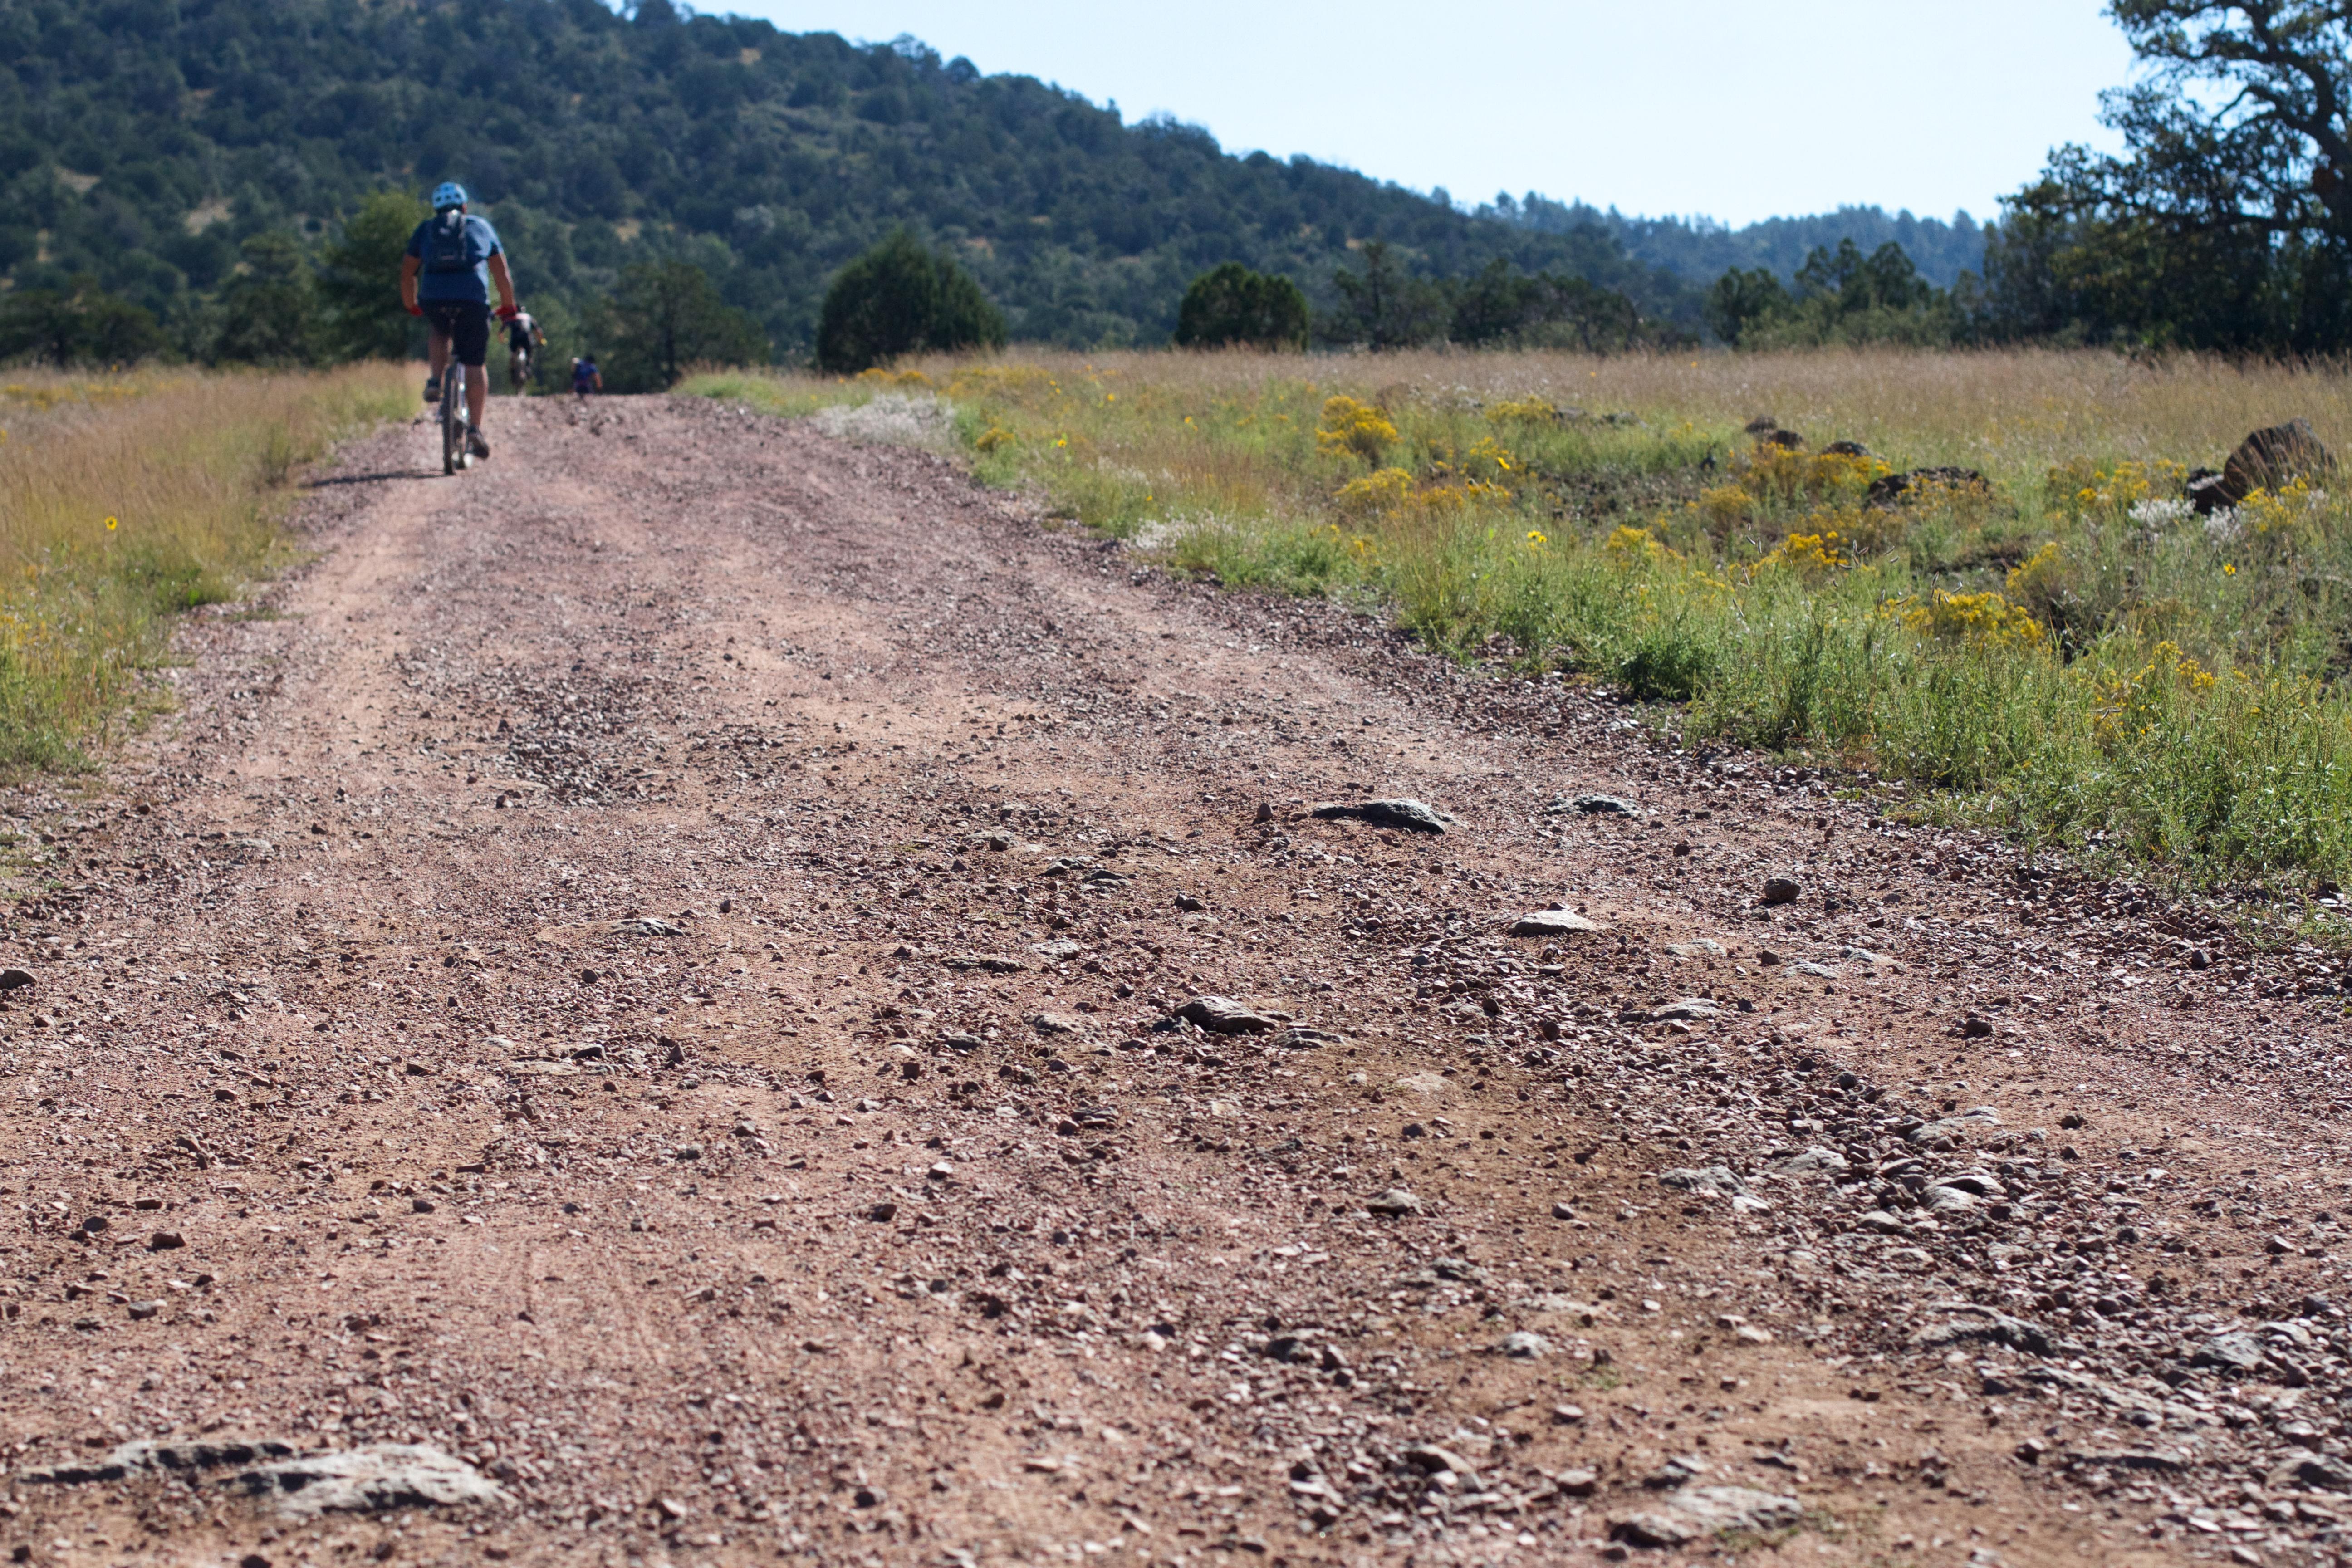 Fotos Gratis Pista La Carretera Sendero Campo